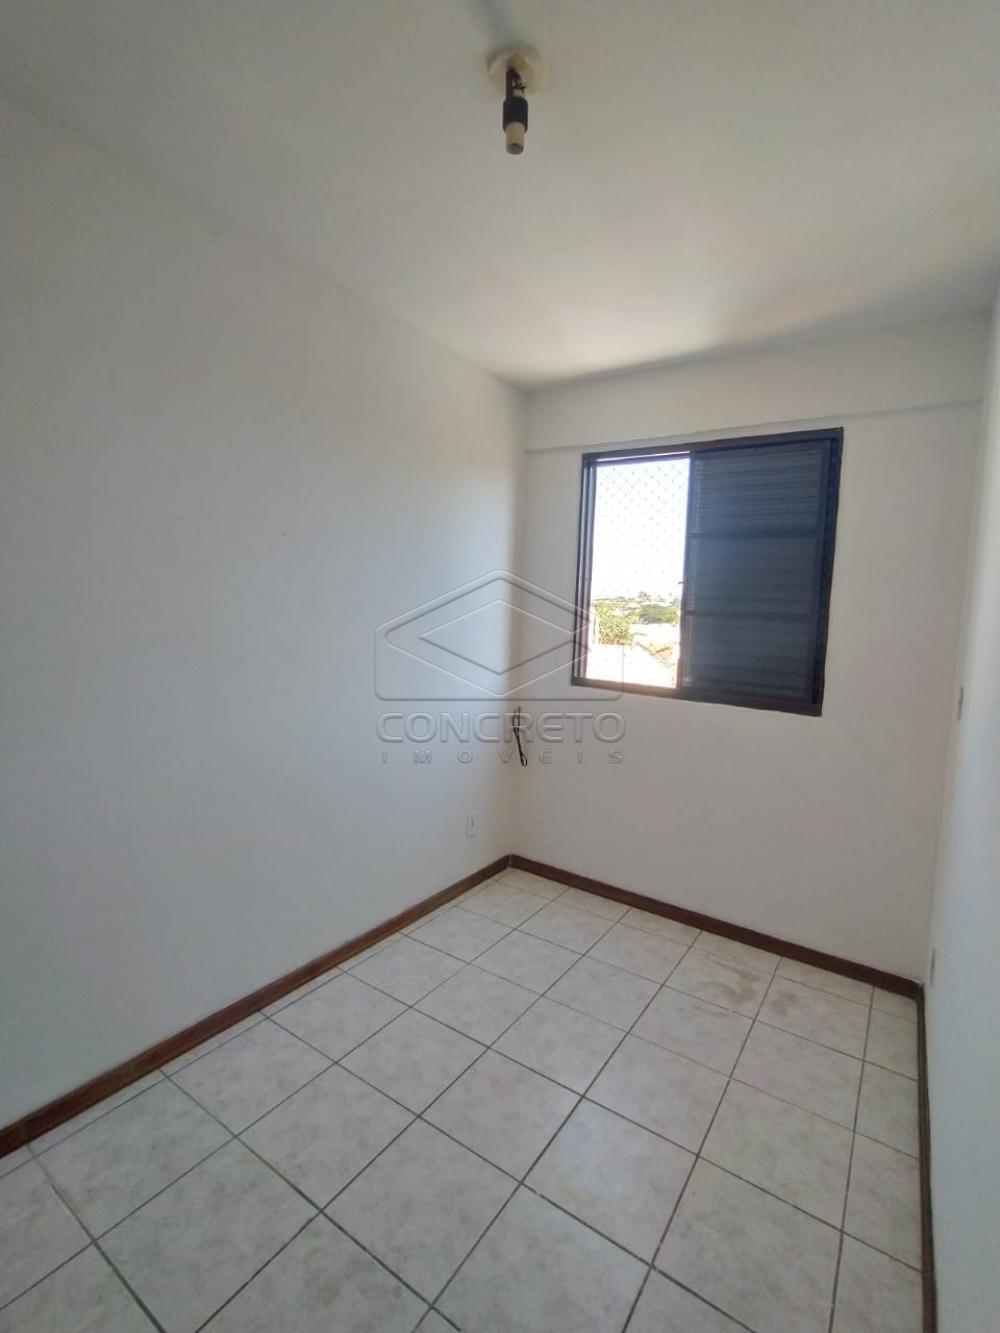 Alugar Apartamento / Padrão em Bauru R$ 700,00 - Foto 5